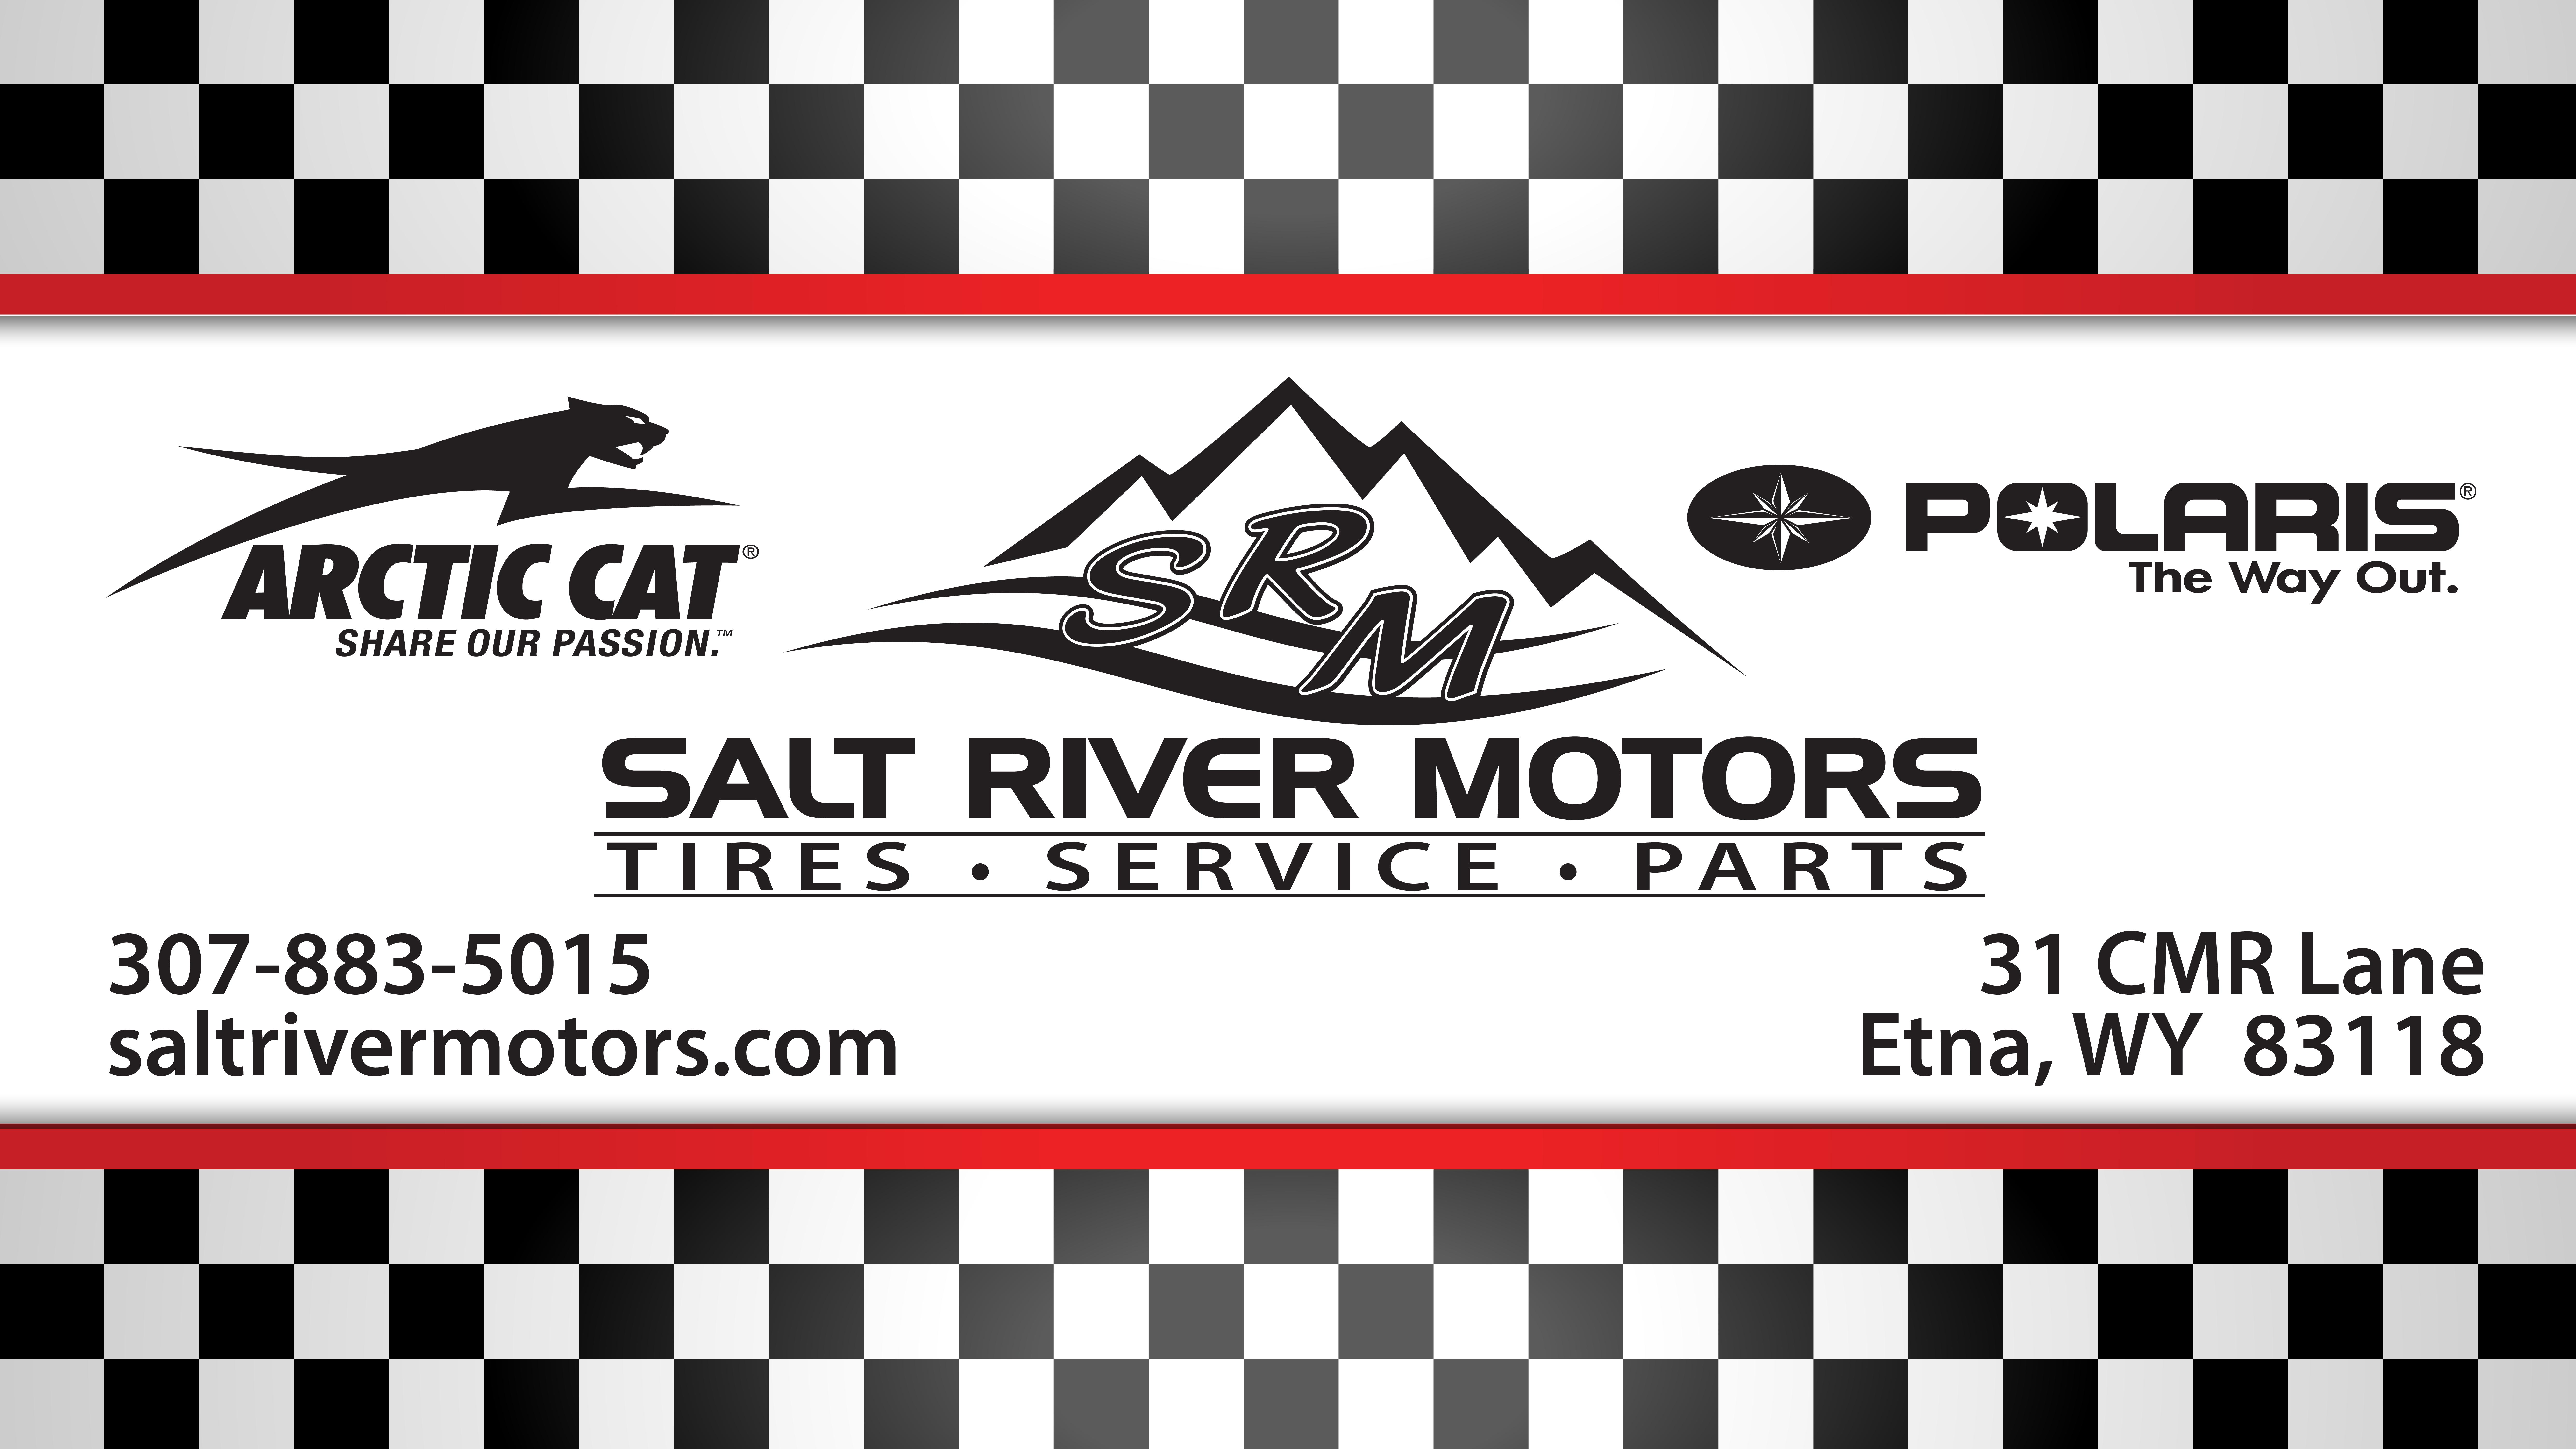 Salt River Motors Ad